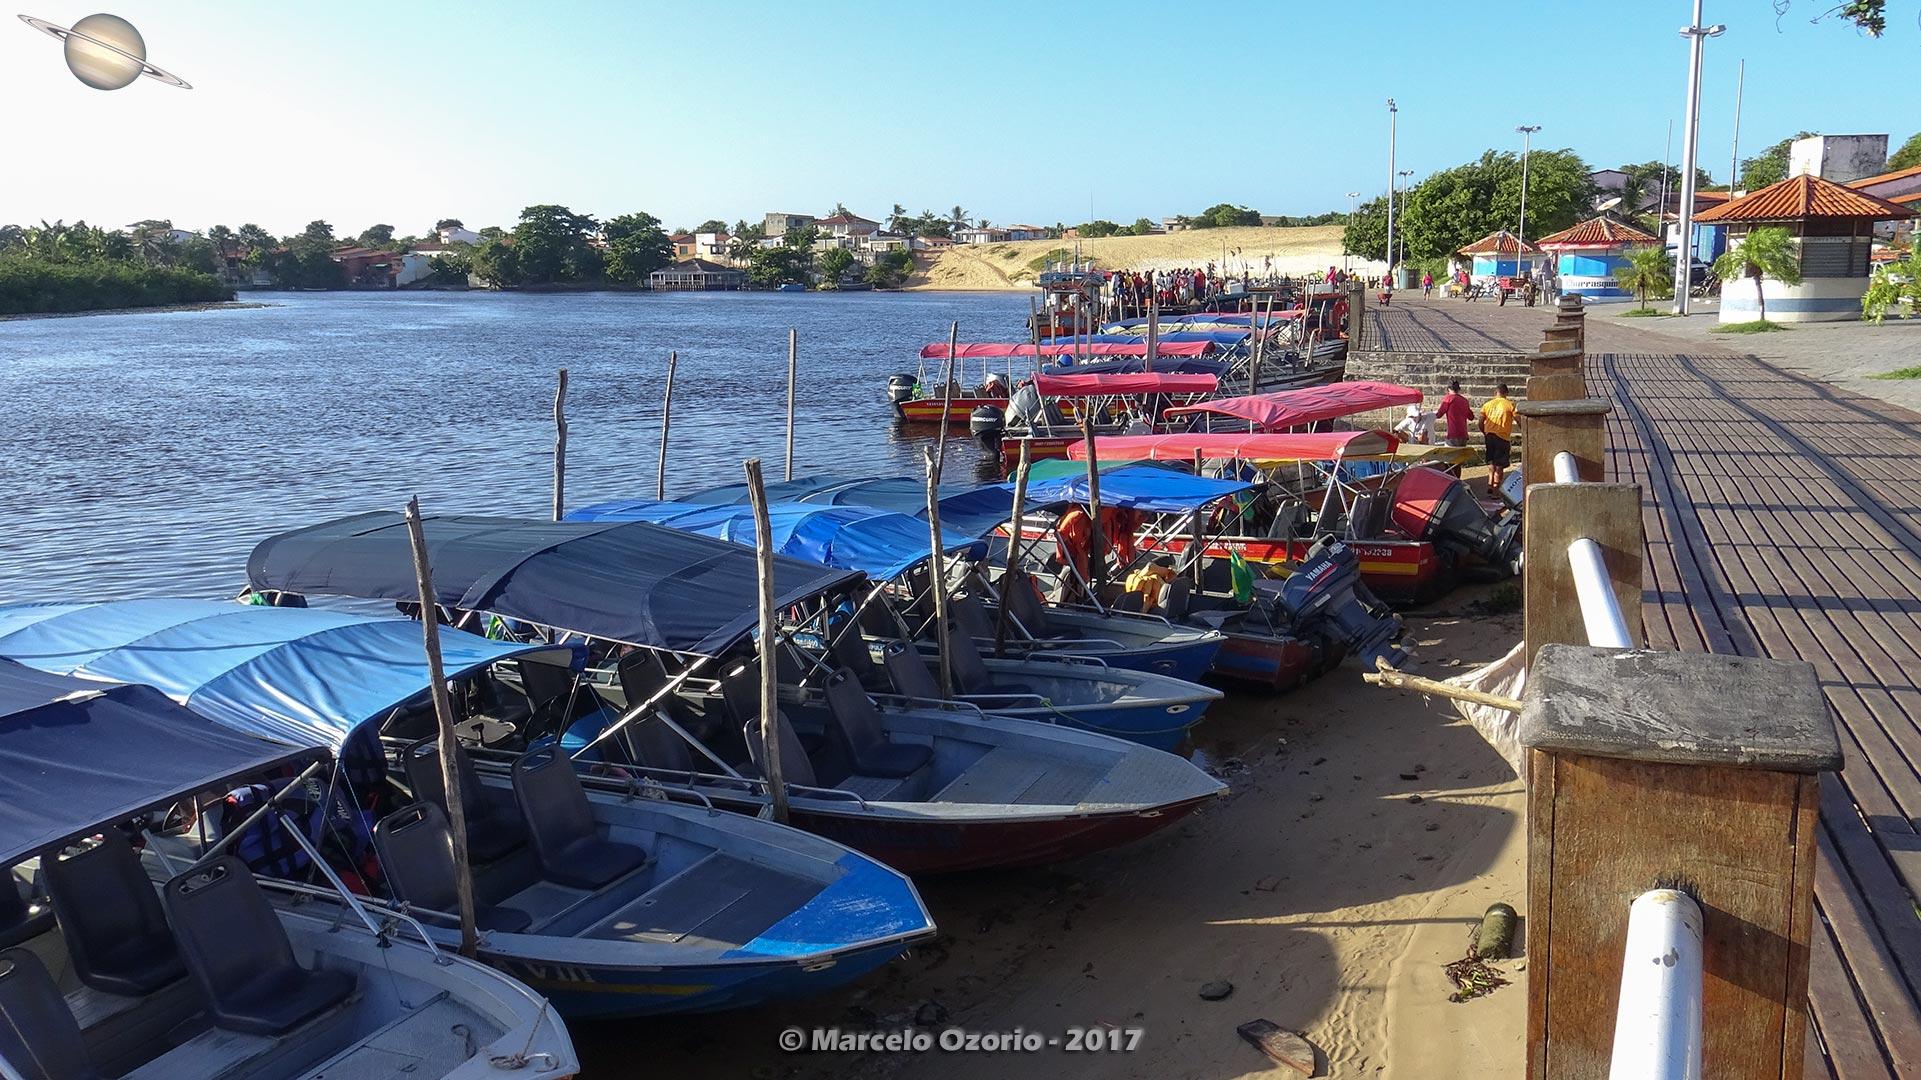 barreirinhas descendo rio preguicas atins 1 - De Barreirinhas à Canto do Atins. Trekking nos Lençóis Maranhenses - Brasil